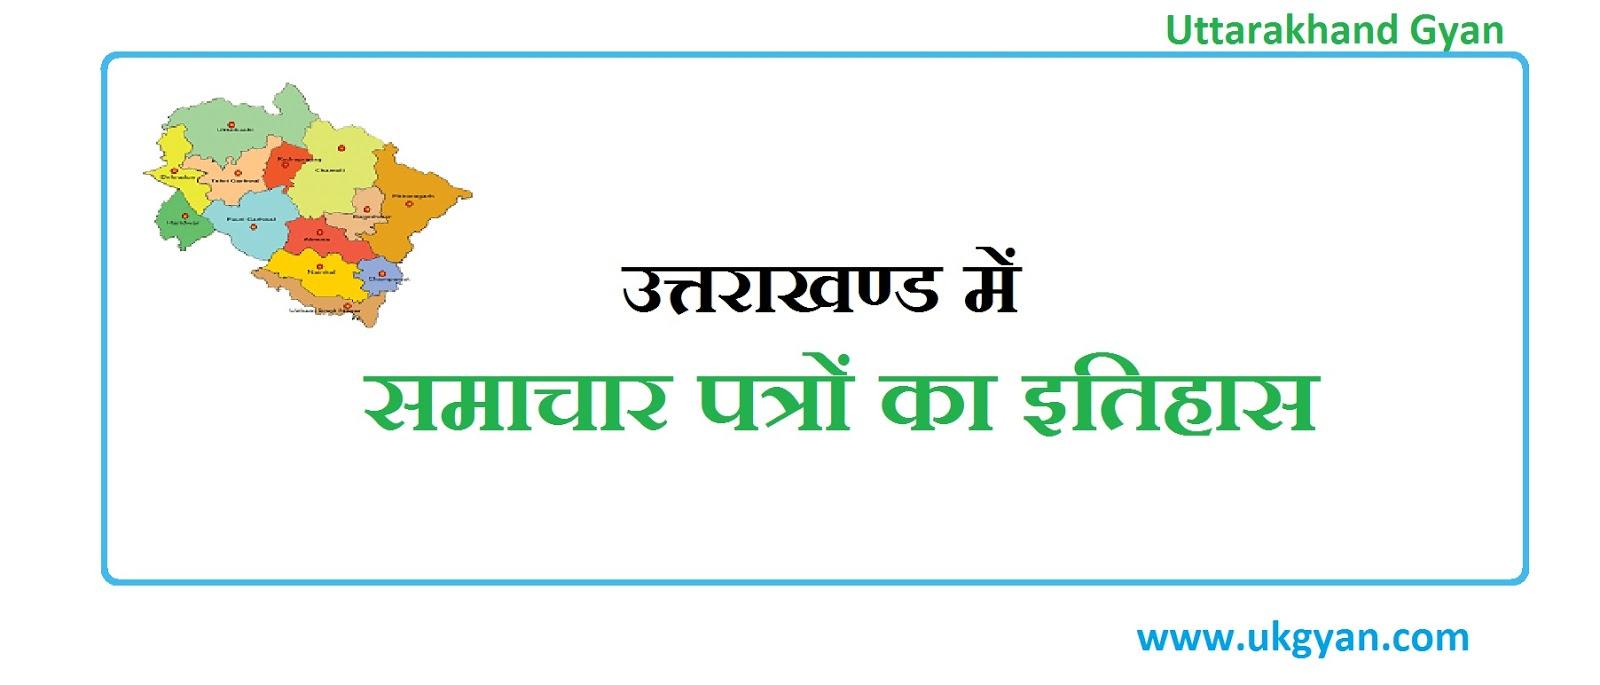 history of newspaper in uttarakhand